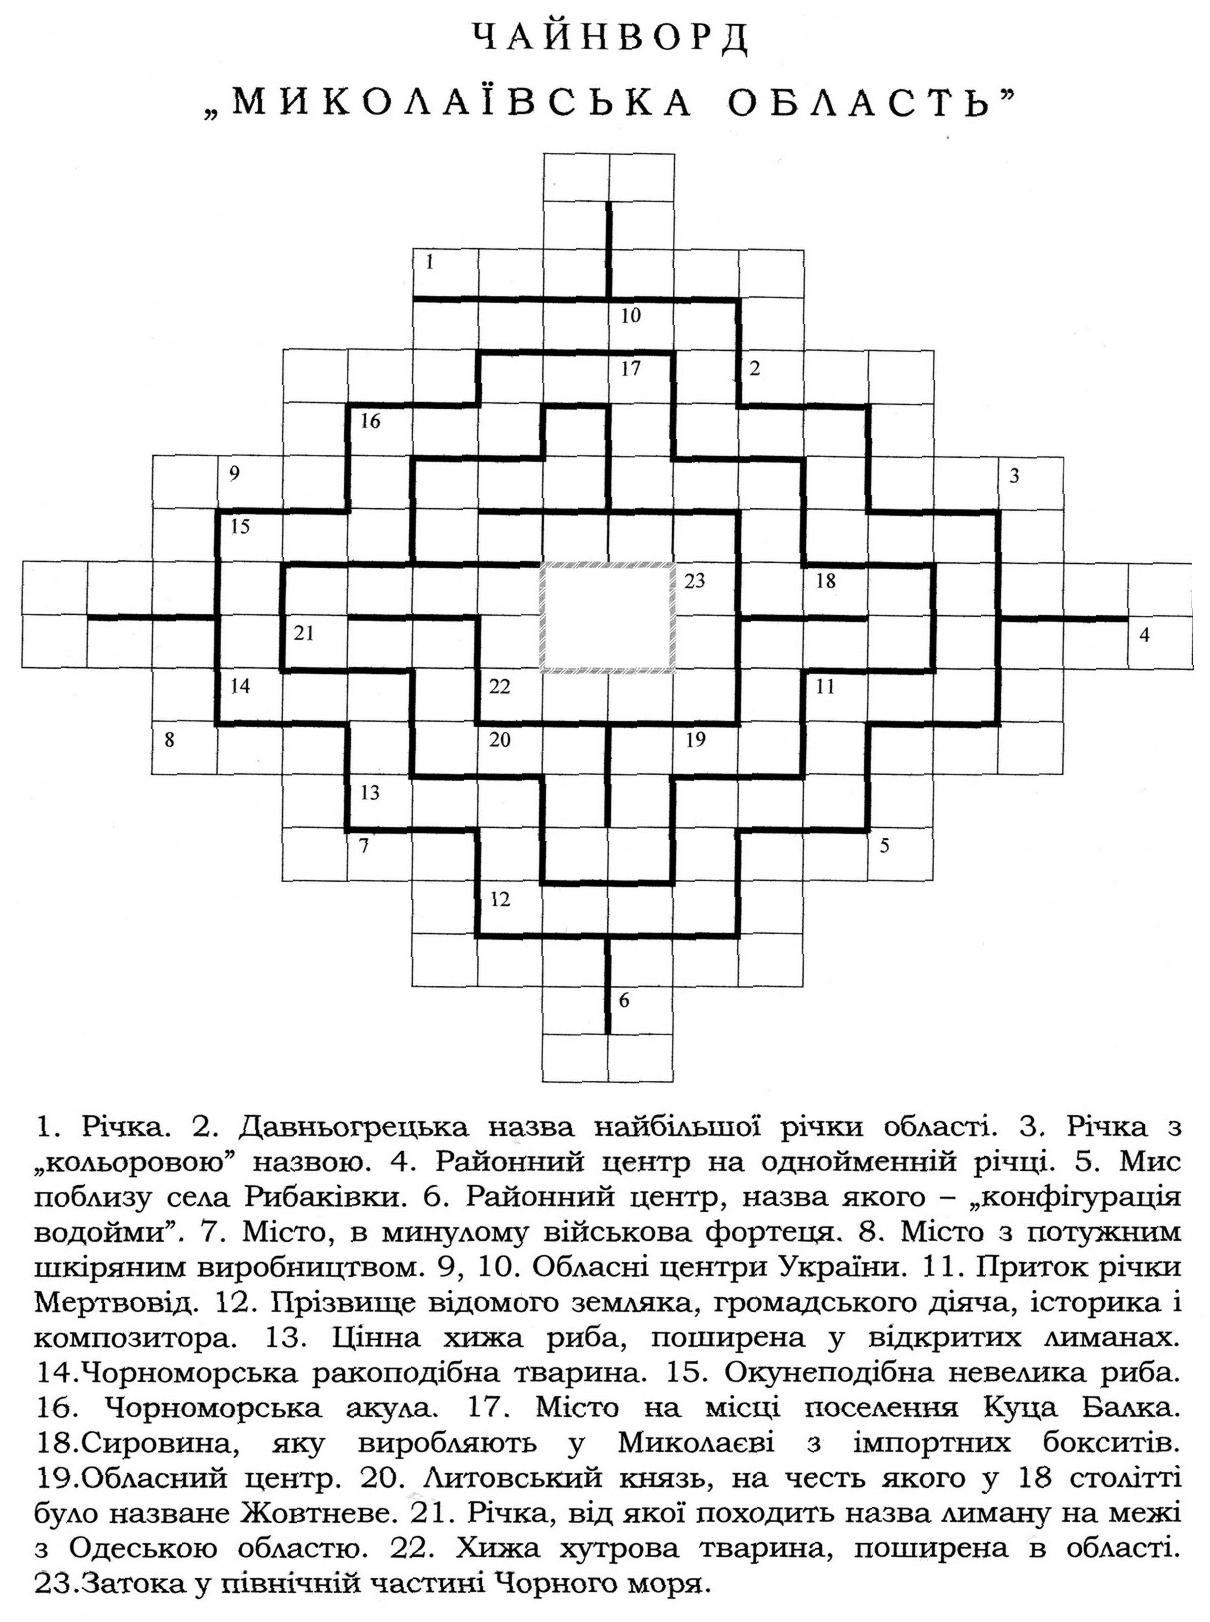 Португальський, Миколаївська область, краєзнавство, розробки, чайнворд